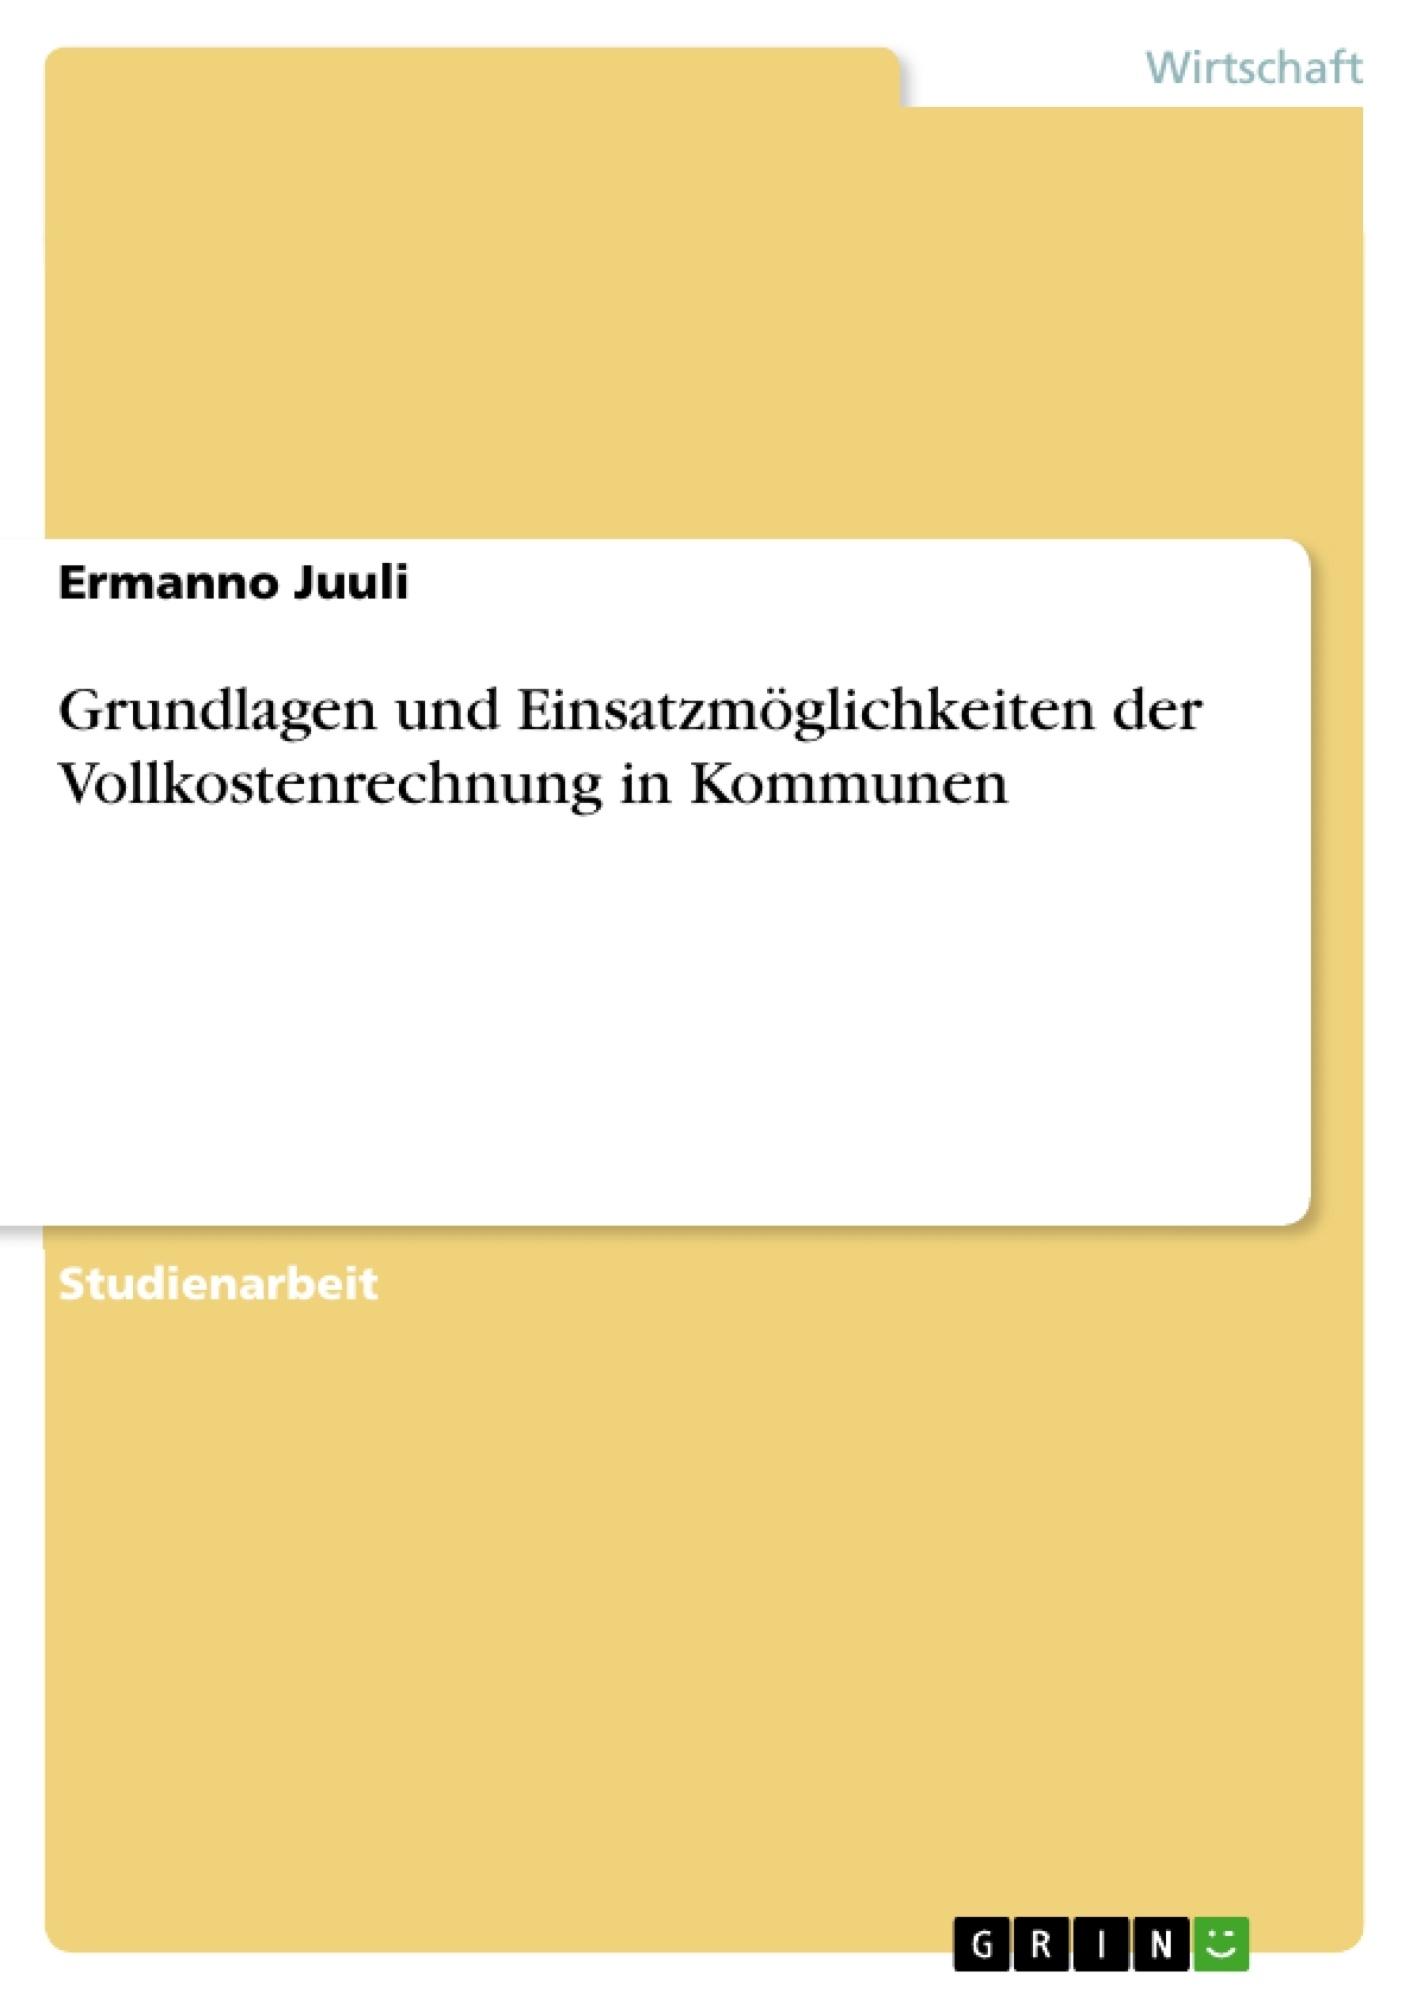 Titel: Grundlagen und Einsatzmöglichkeiten der Vollkostenrechnung in Kommunen